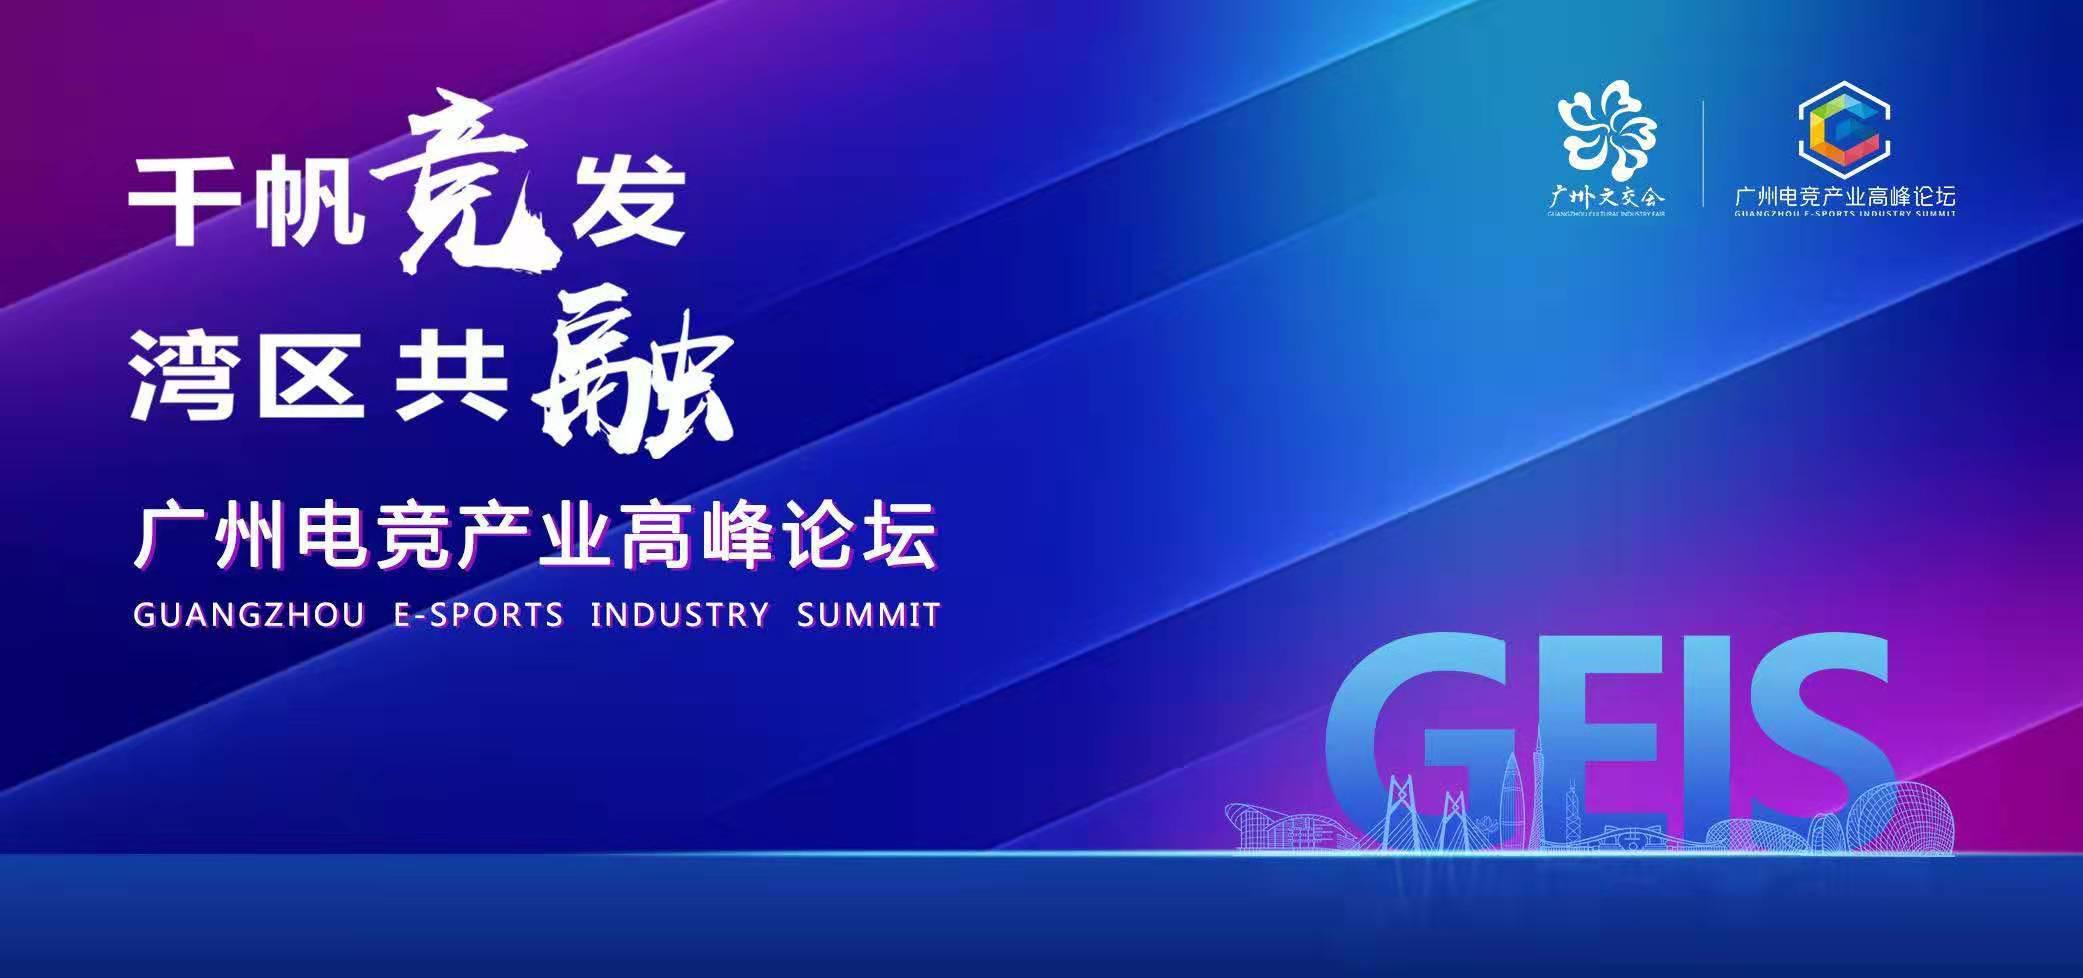 论道电竞,推动数字内容产业进入湾区快车道 广州市电竞产业高峰论坛成功举办